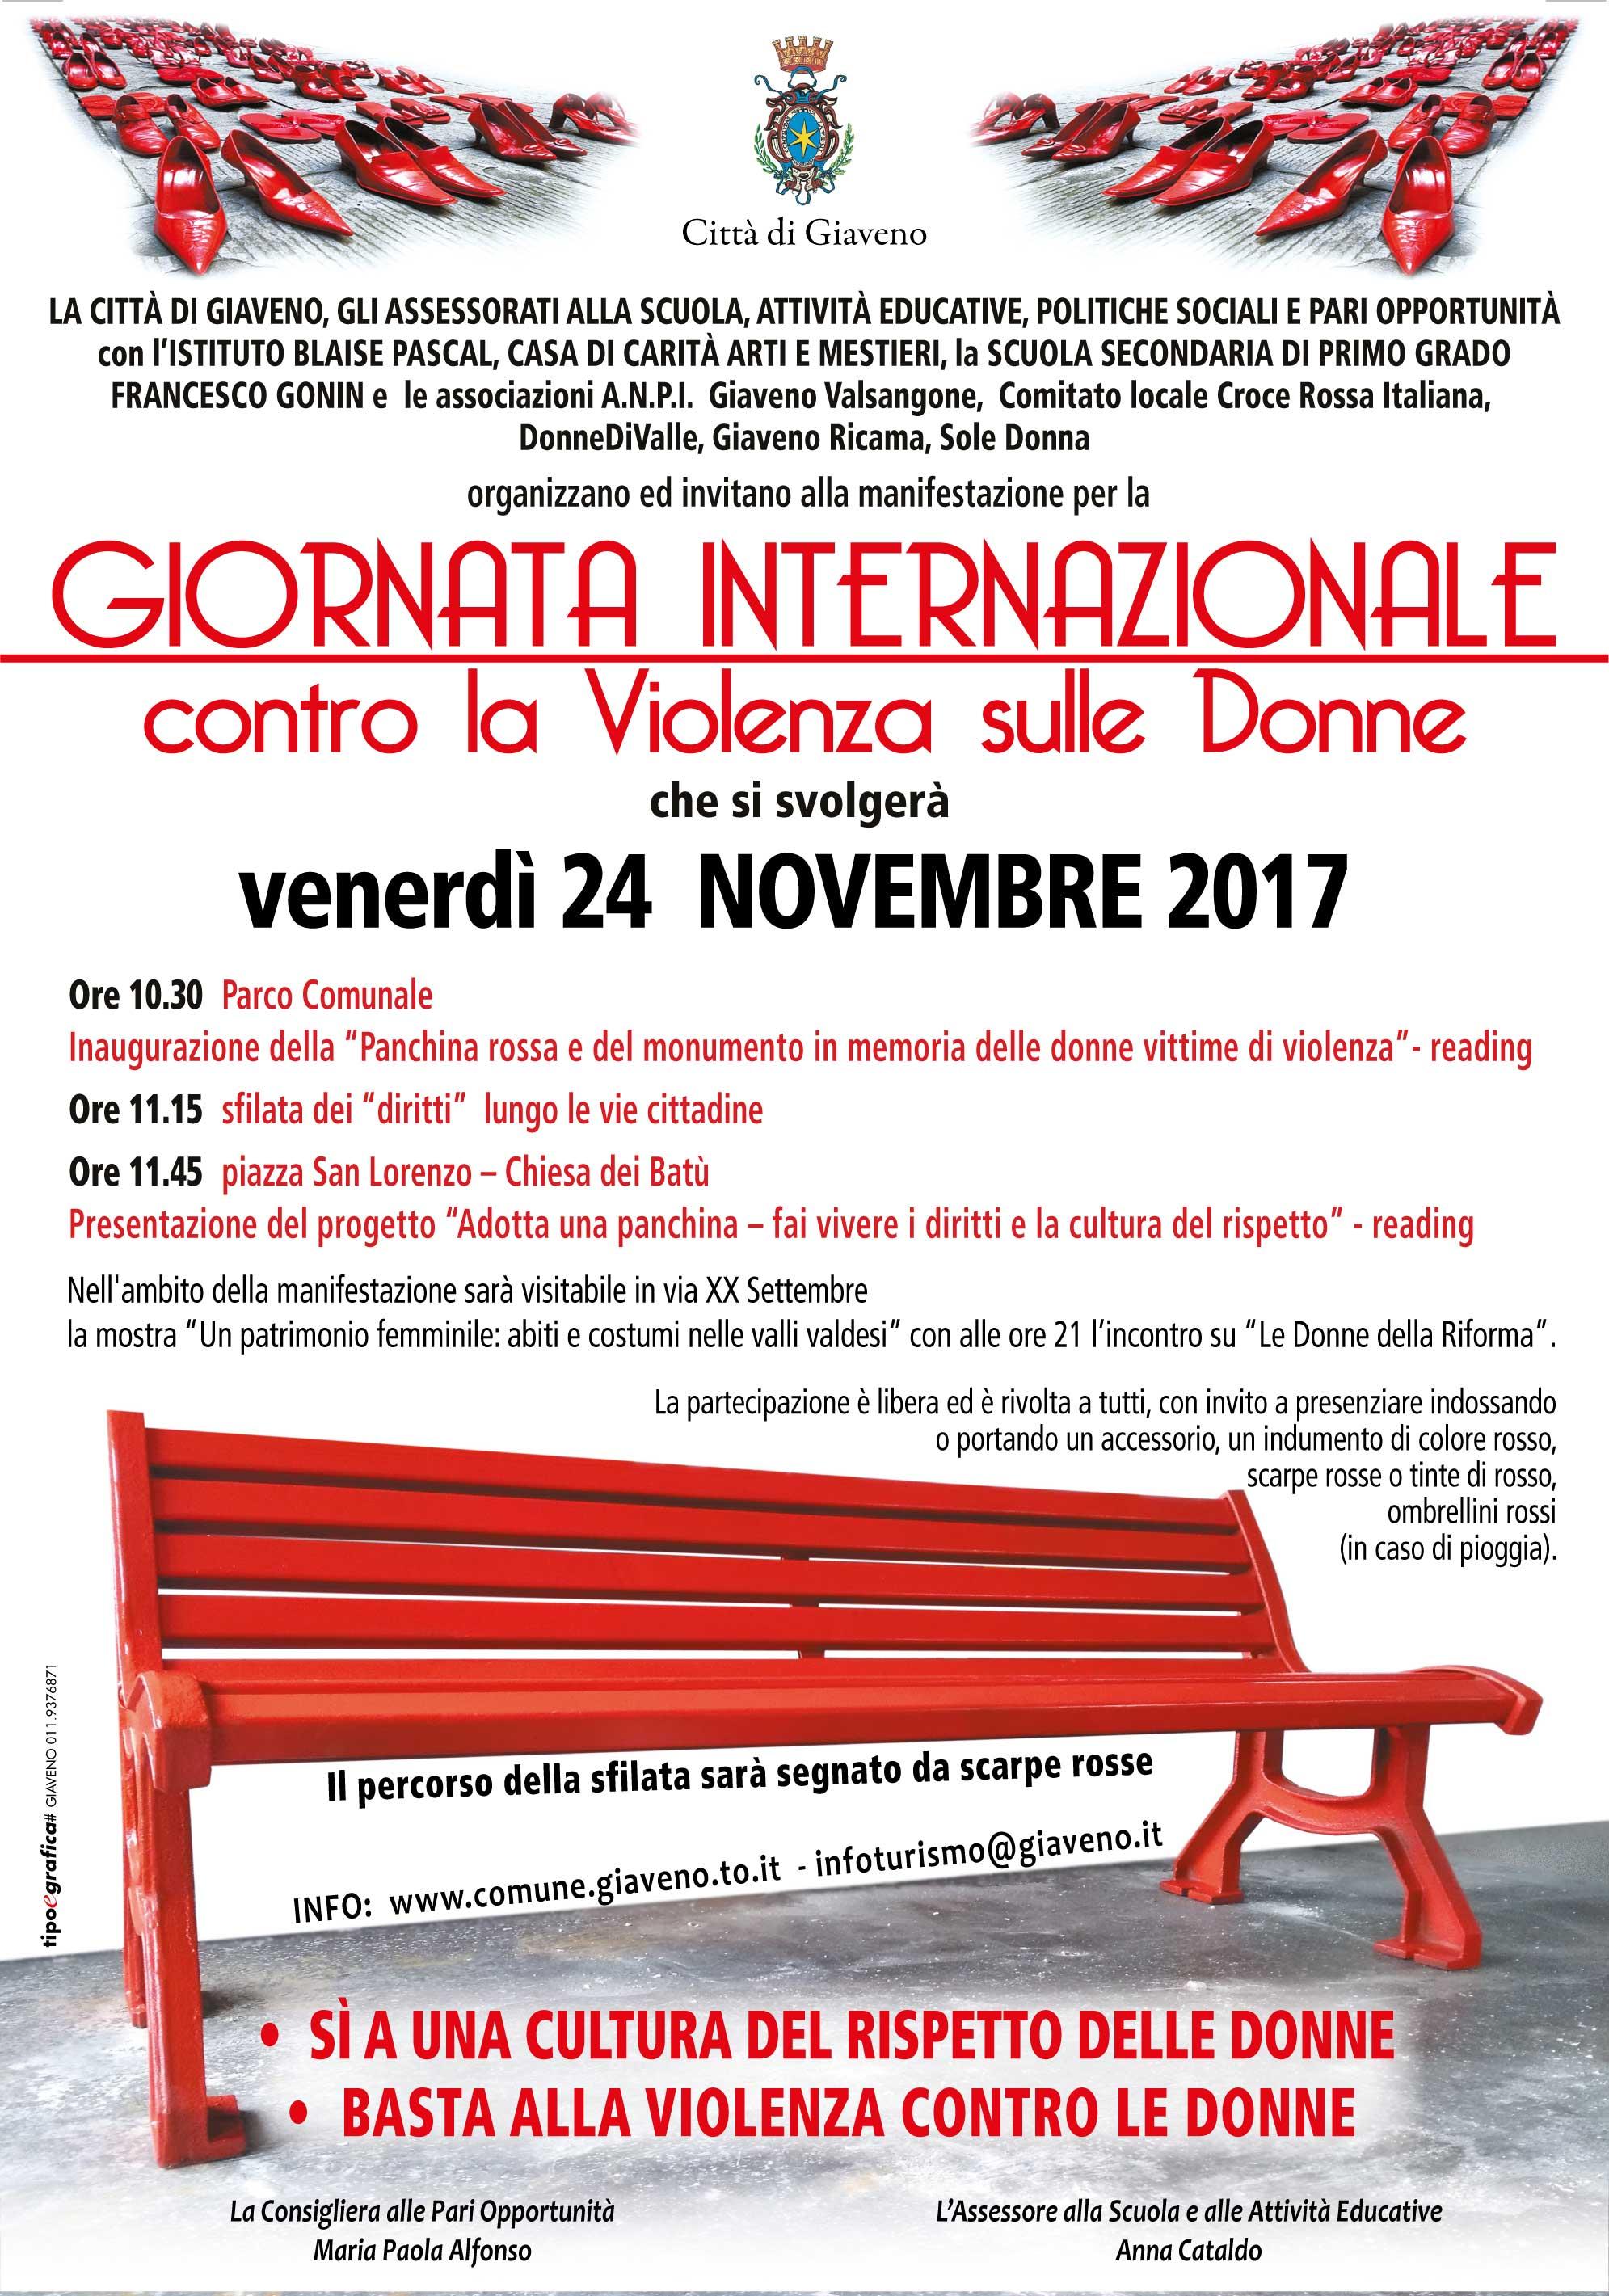 Giornata Internazionale contro la violenza sulle donne – Giaveno 24 novembre 2017